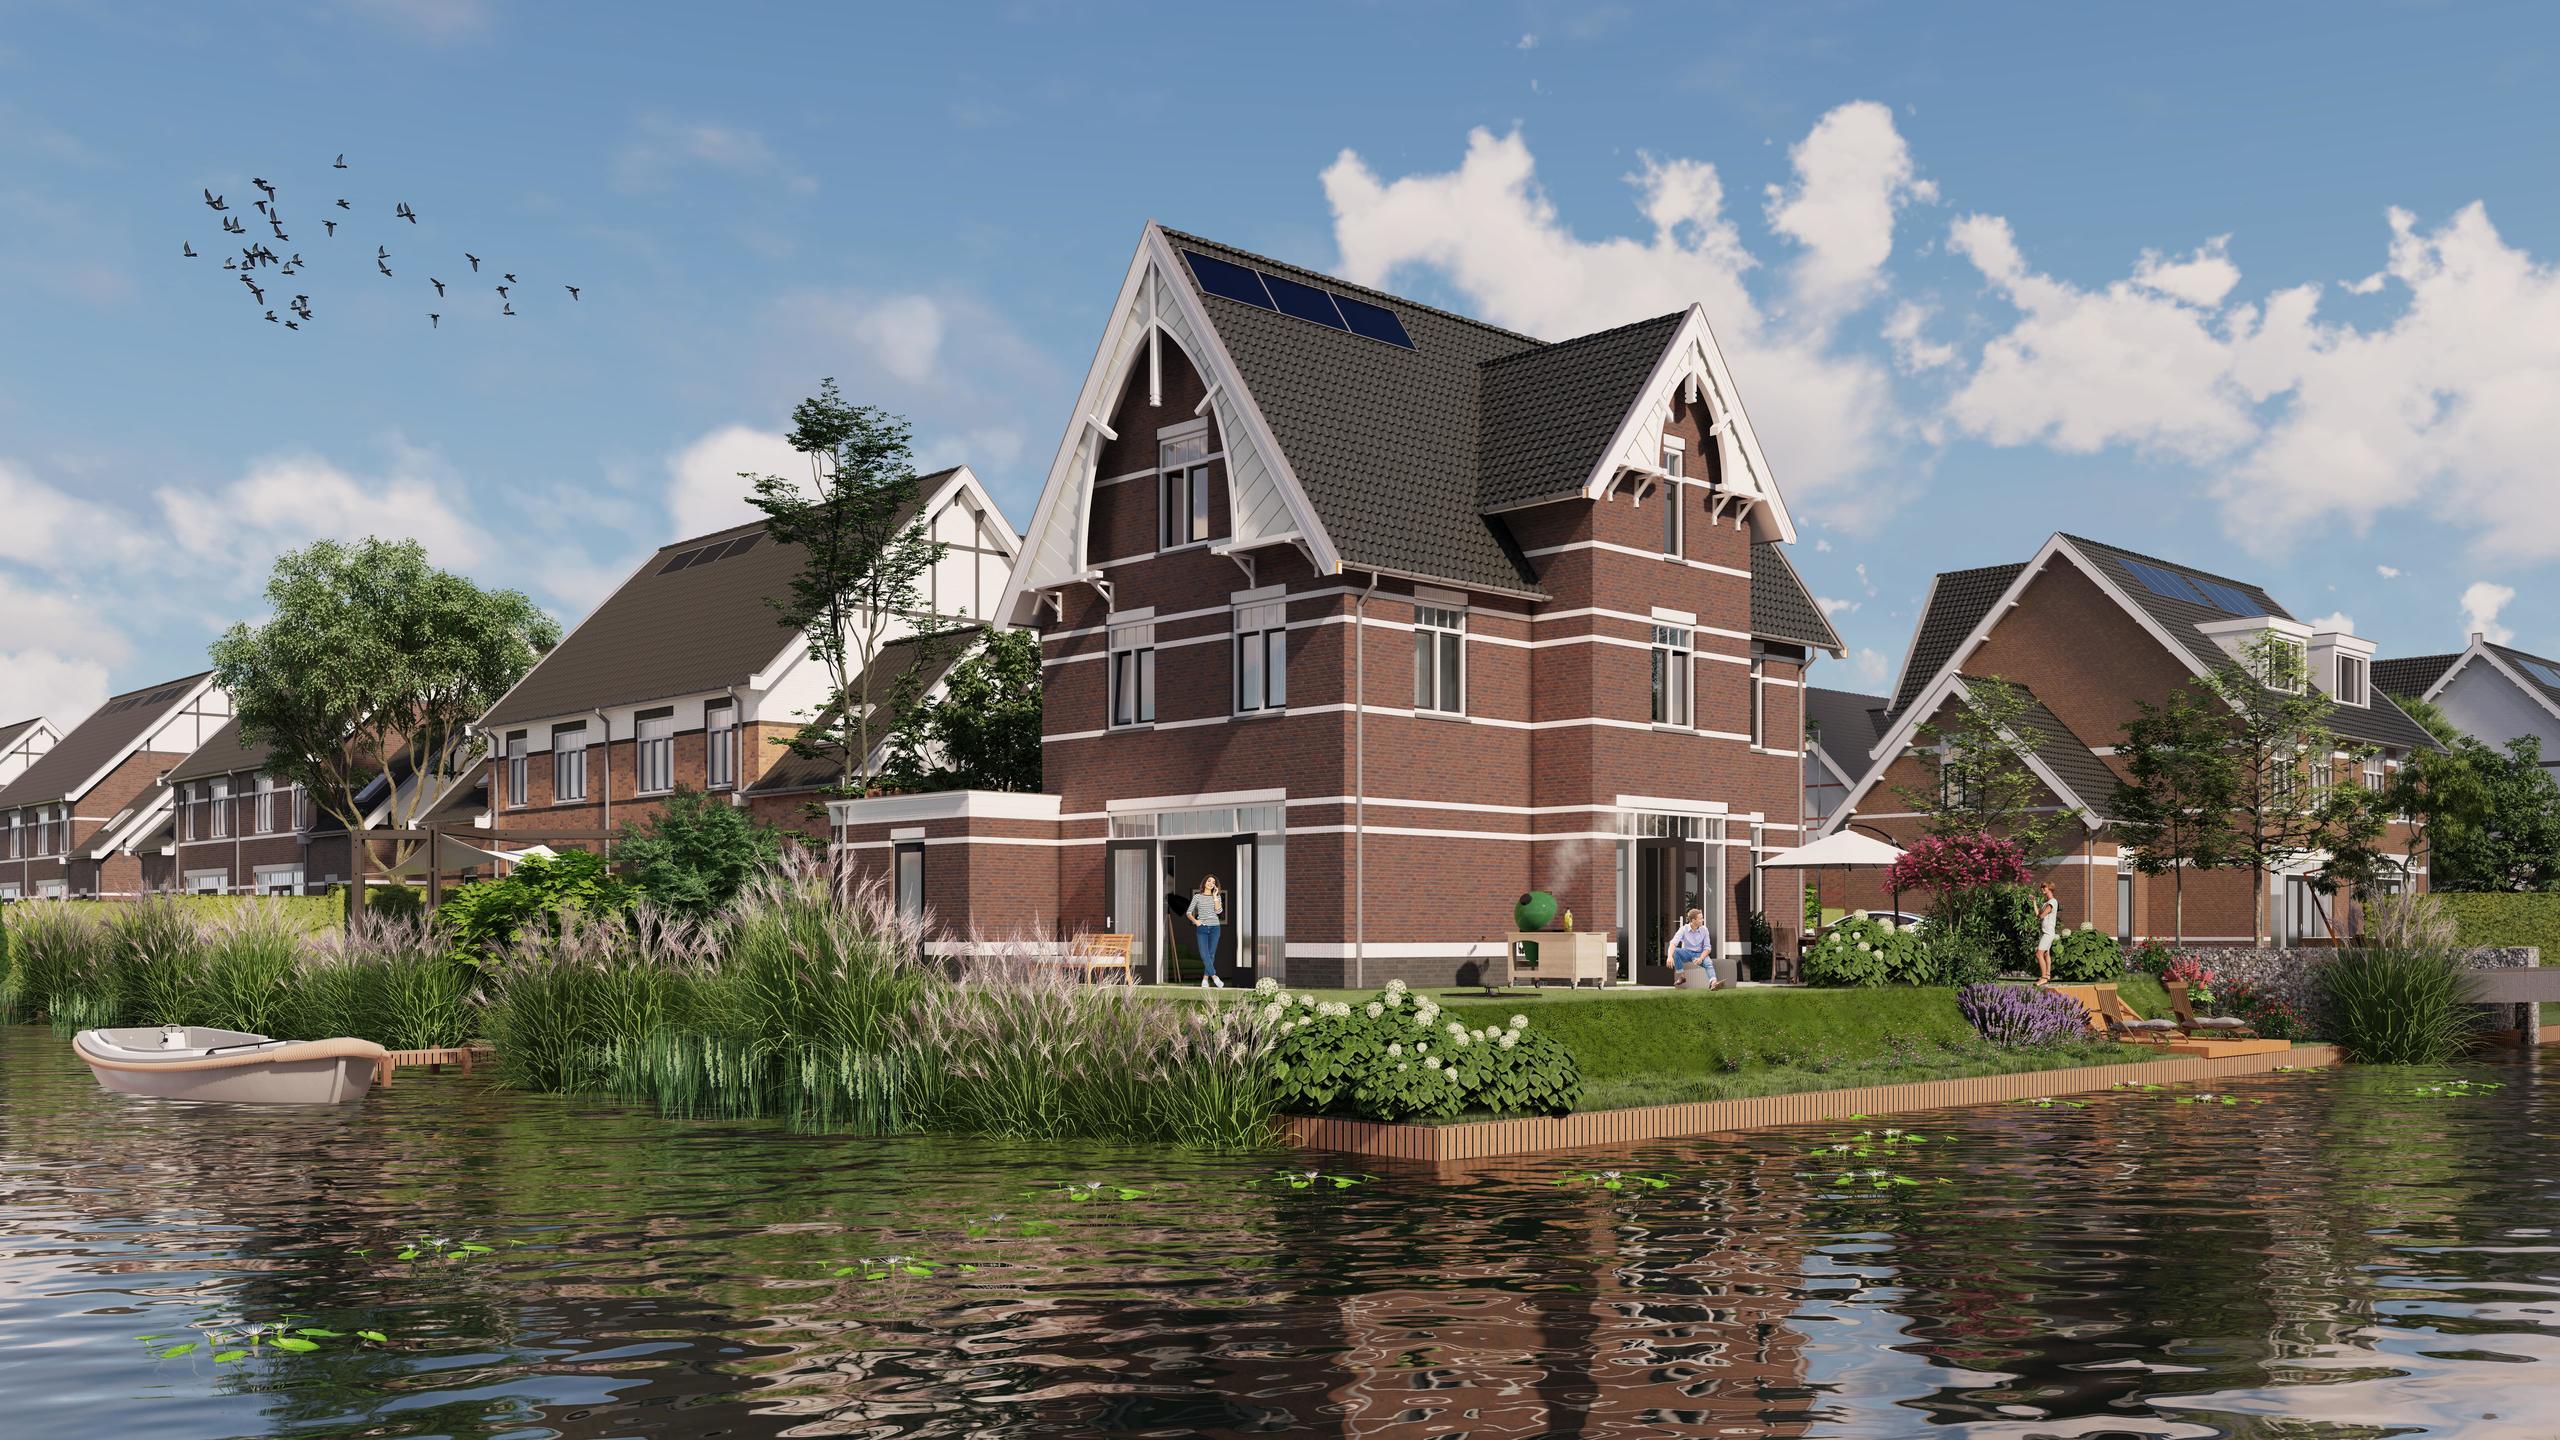 Lunshof makelaars Amstelveen en Amsterdam - Fort Blauwkapelstraat 19  Weesp